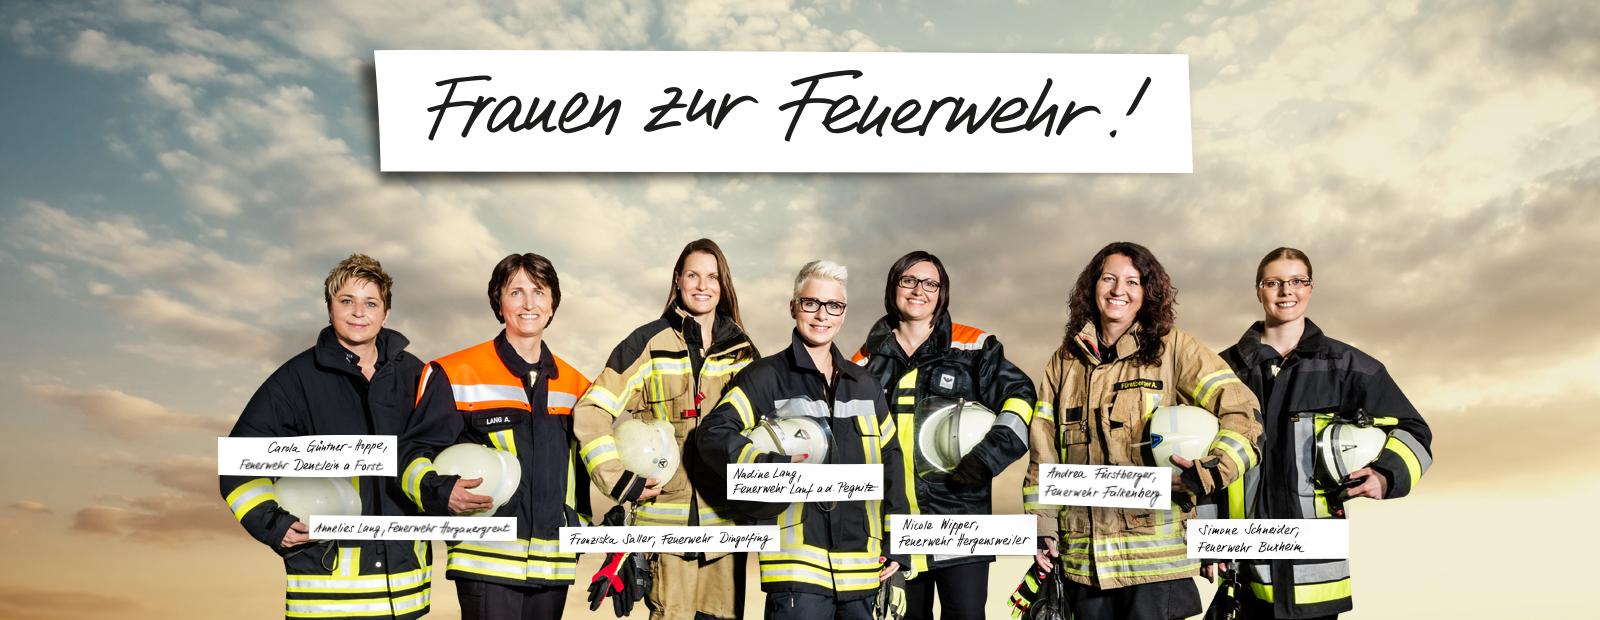 banner-frauen-zur-feuerwehr